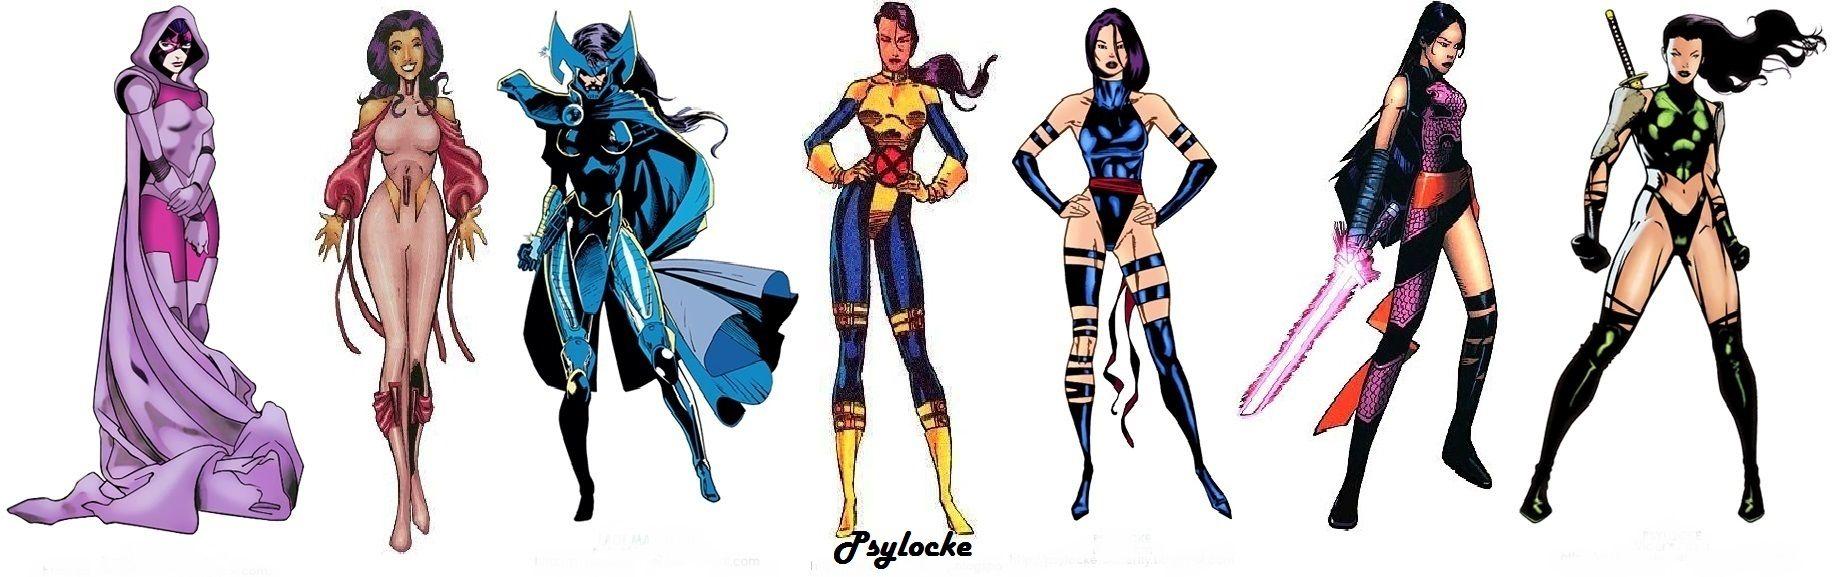 Psylocke Like A Butterfly Super Psylocke Wind Sock Superhero